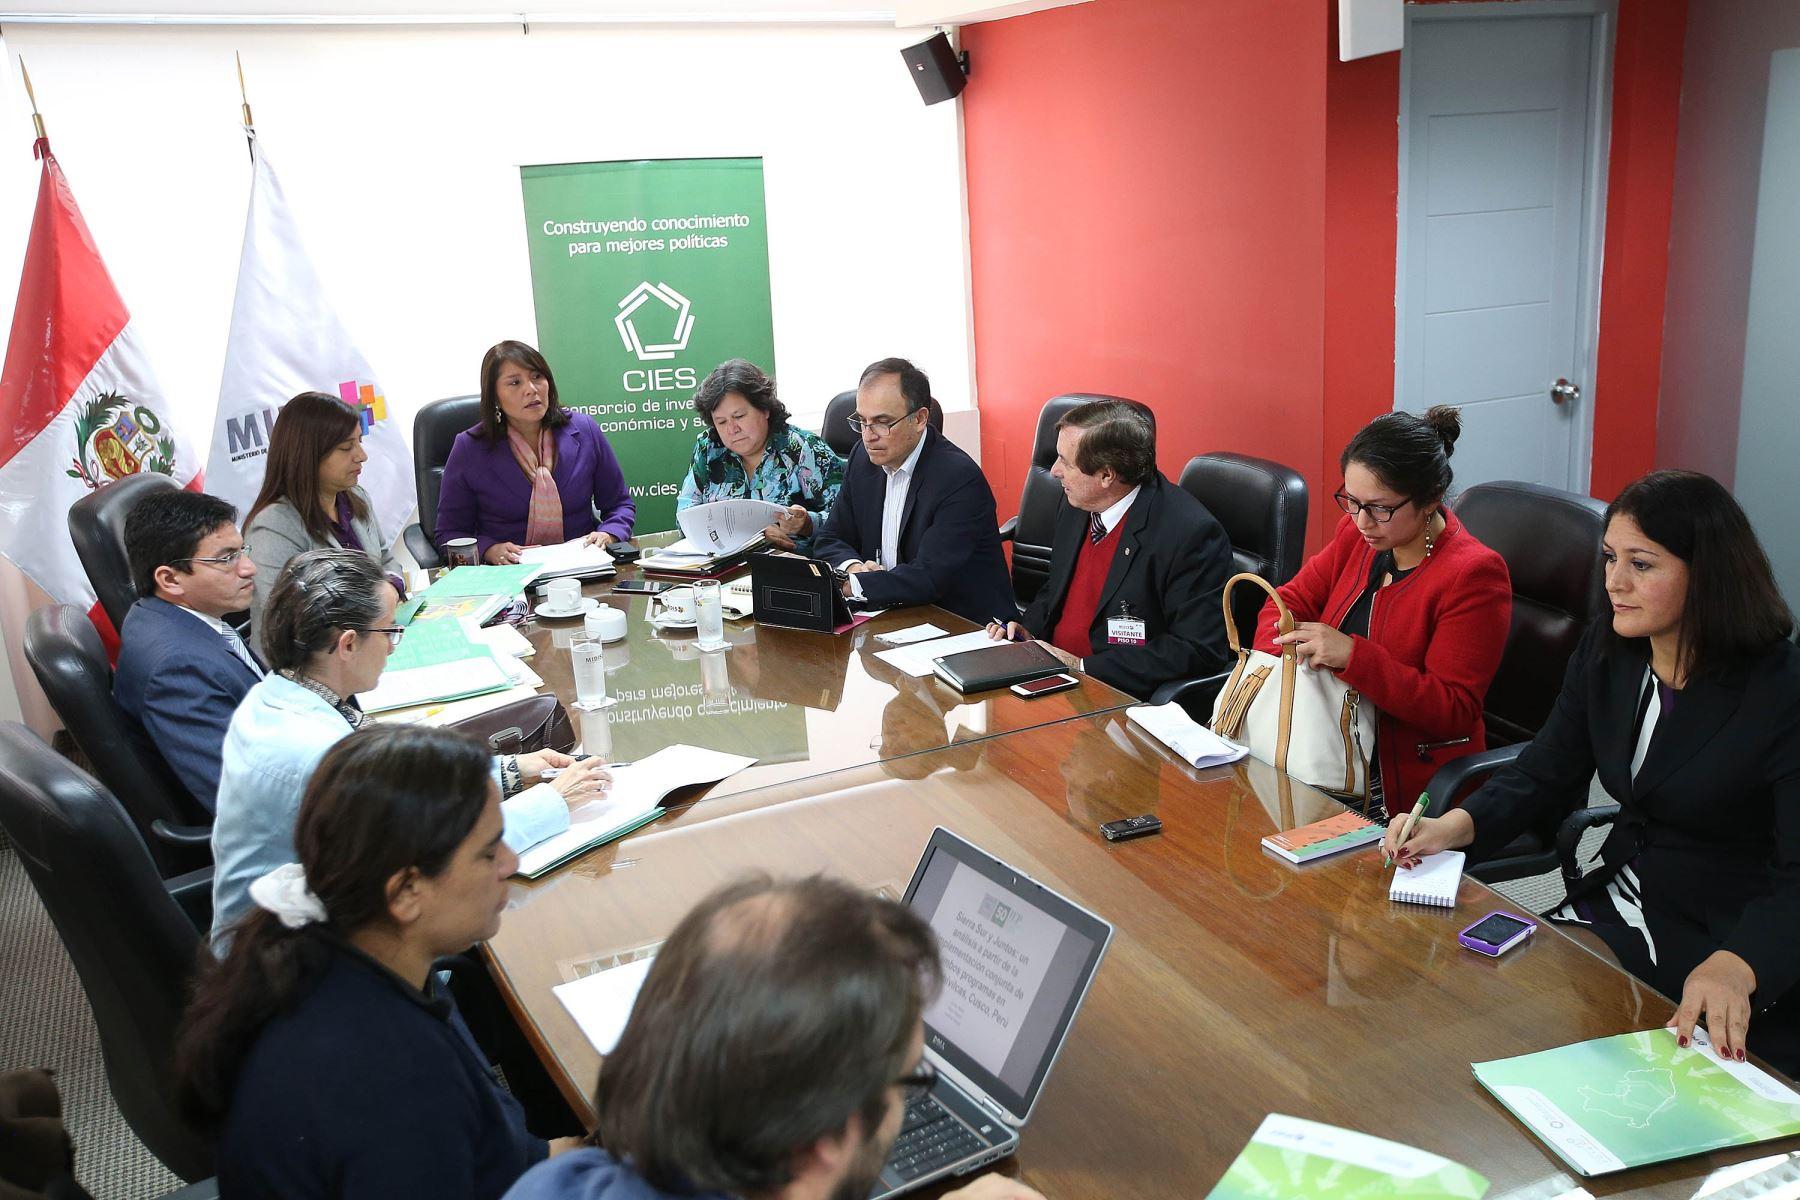 Investigadores del CIES destacan trabajo técnico del Ministerio de Desarrollo e Inclusión Social (Midis).